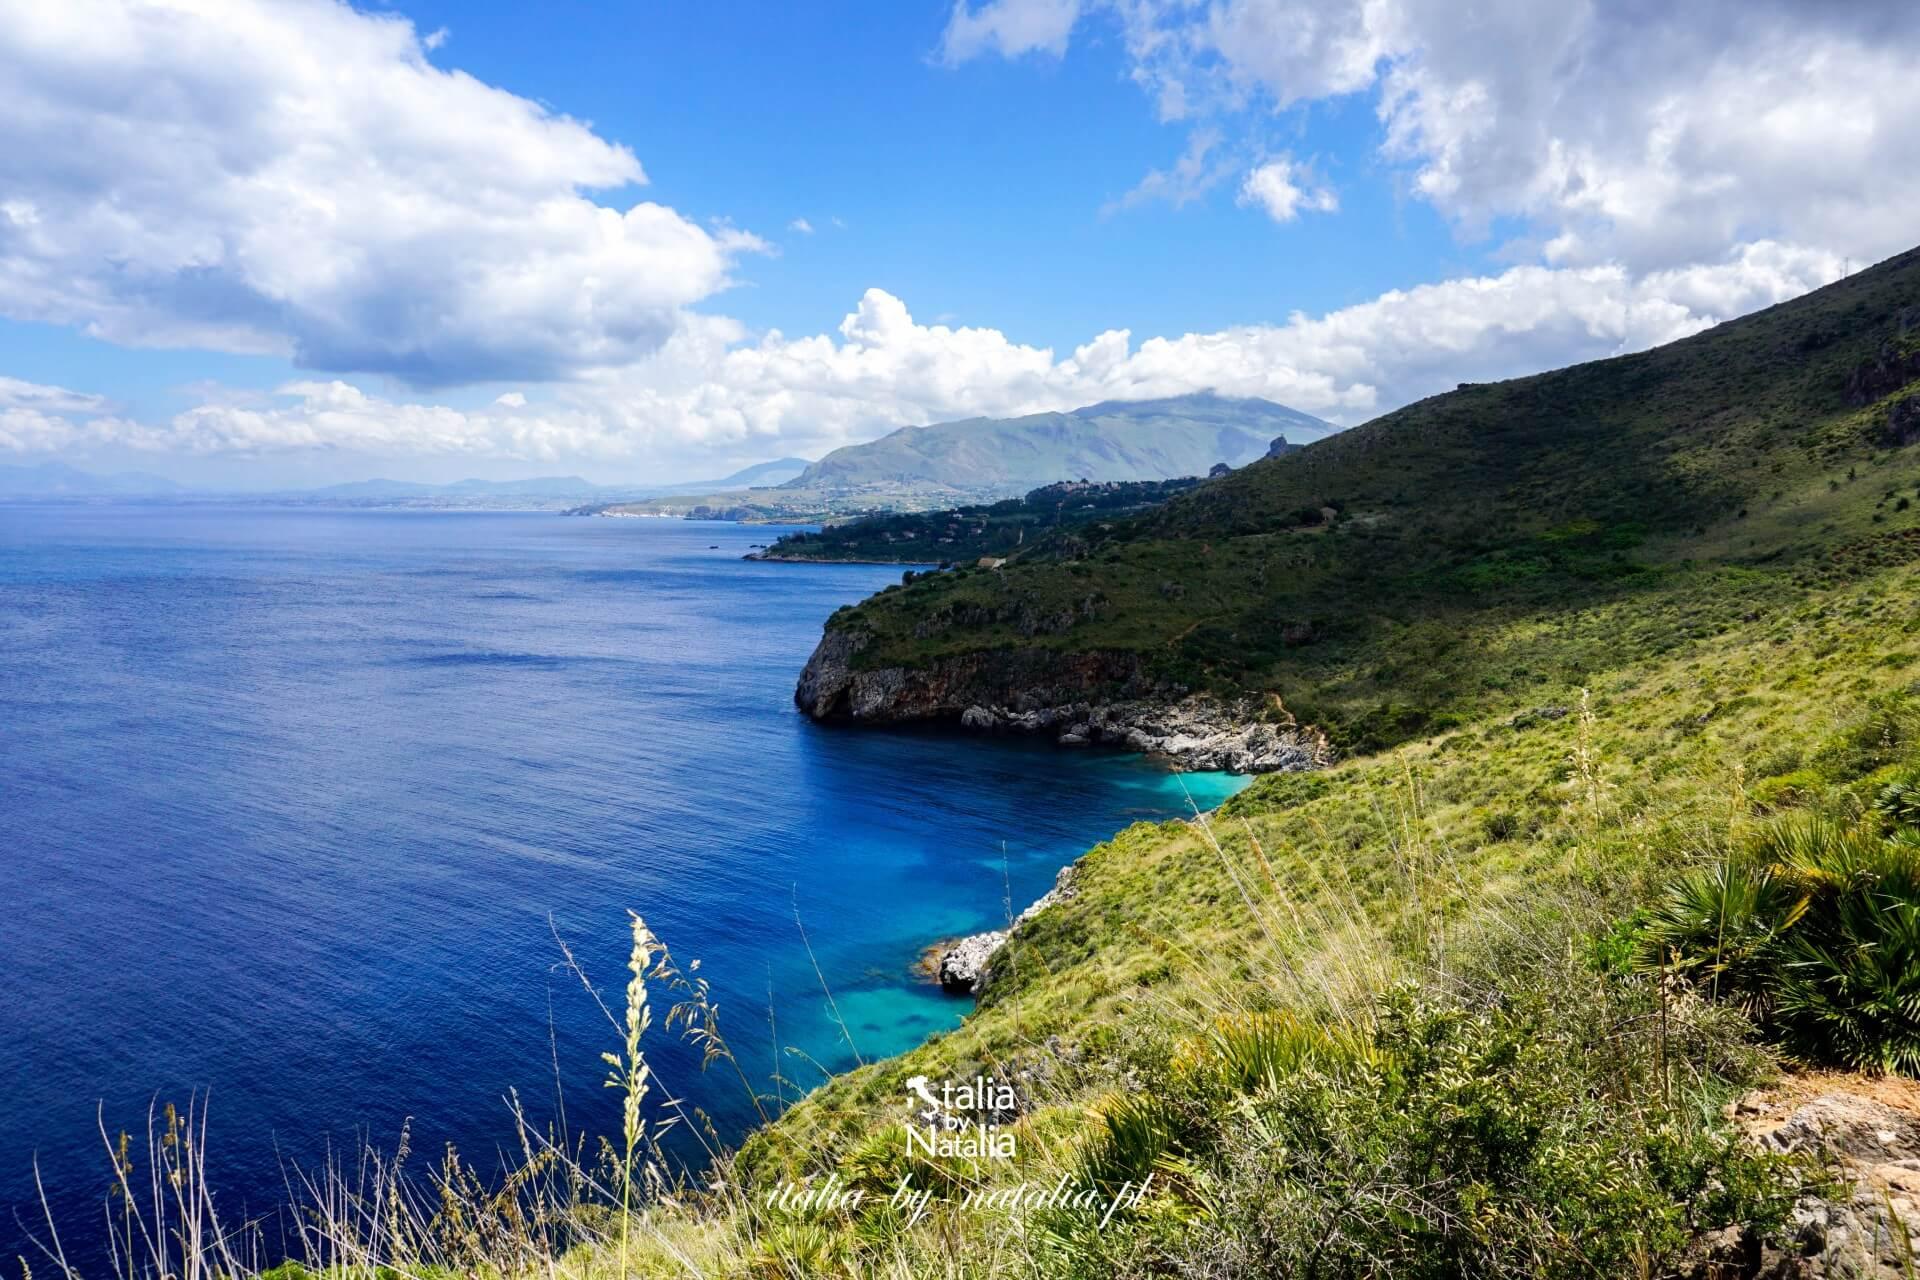 San Vito lo Capo najpiękniejsza plaża Sycylii rejs do Zingaro Scopello atrakcje wakacje w trapani